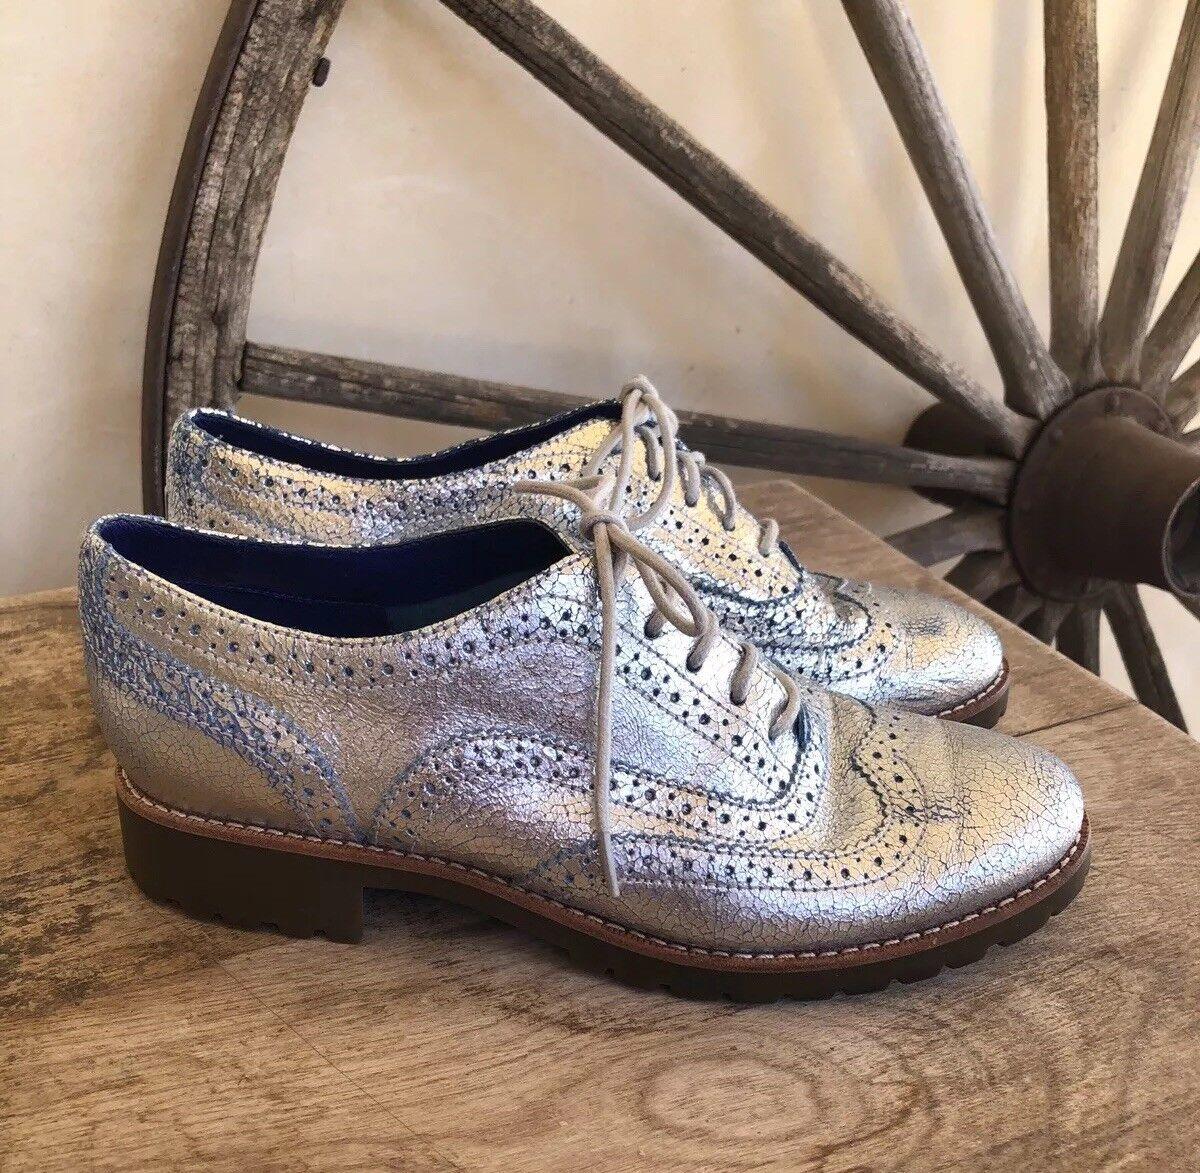 Sperry Top-Sider Con Cordones Oxford Zapatos Zapatos Zapatos Cuero Calado Punta De Ala-una vez usado 7M  promocionales de incentivo